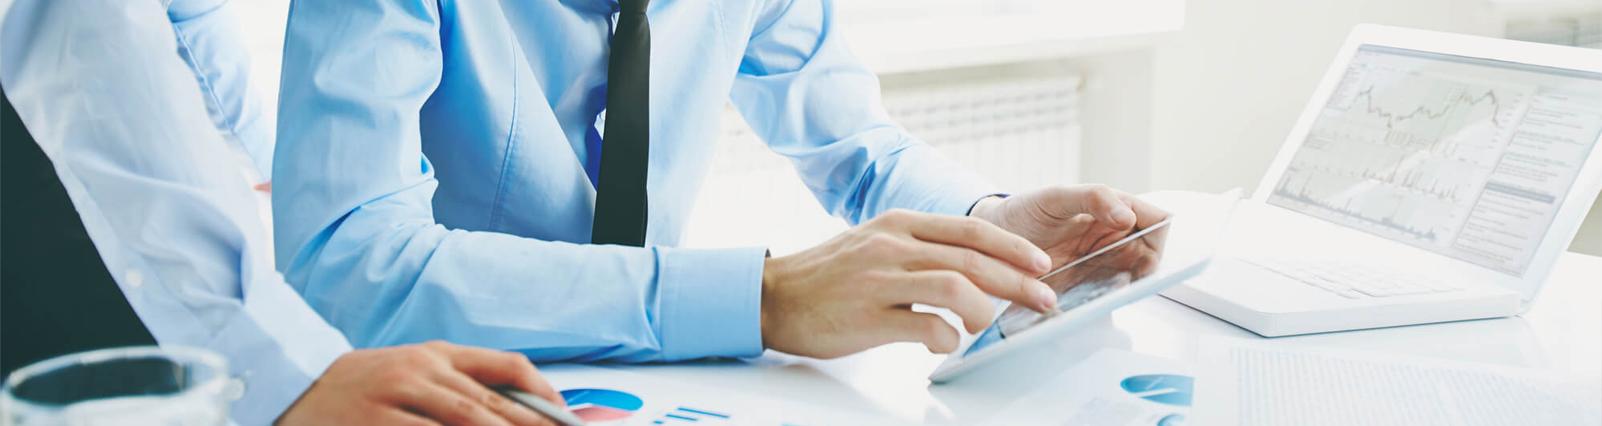 RNs 452, 443 e 440: saiba como se preparar para o processo de acreditação de operadoras de saúde